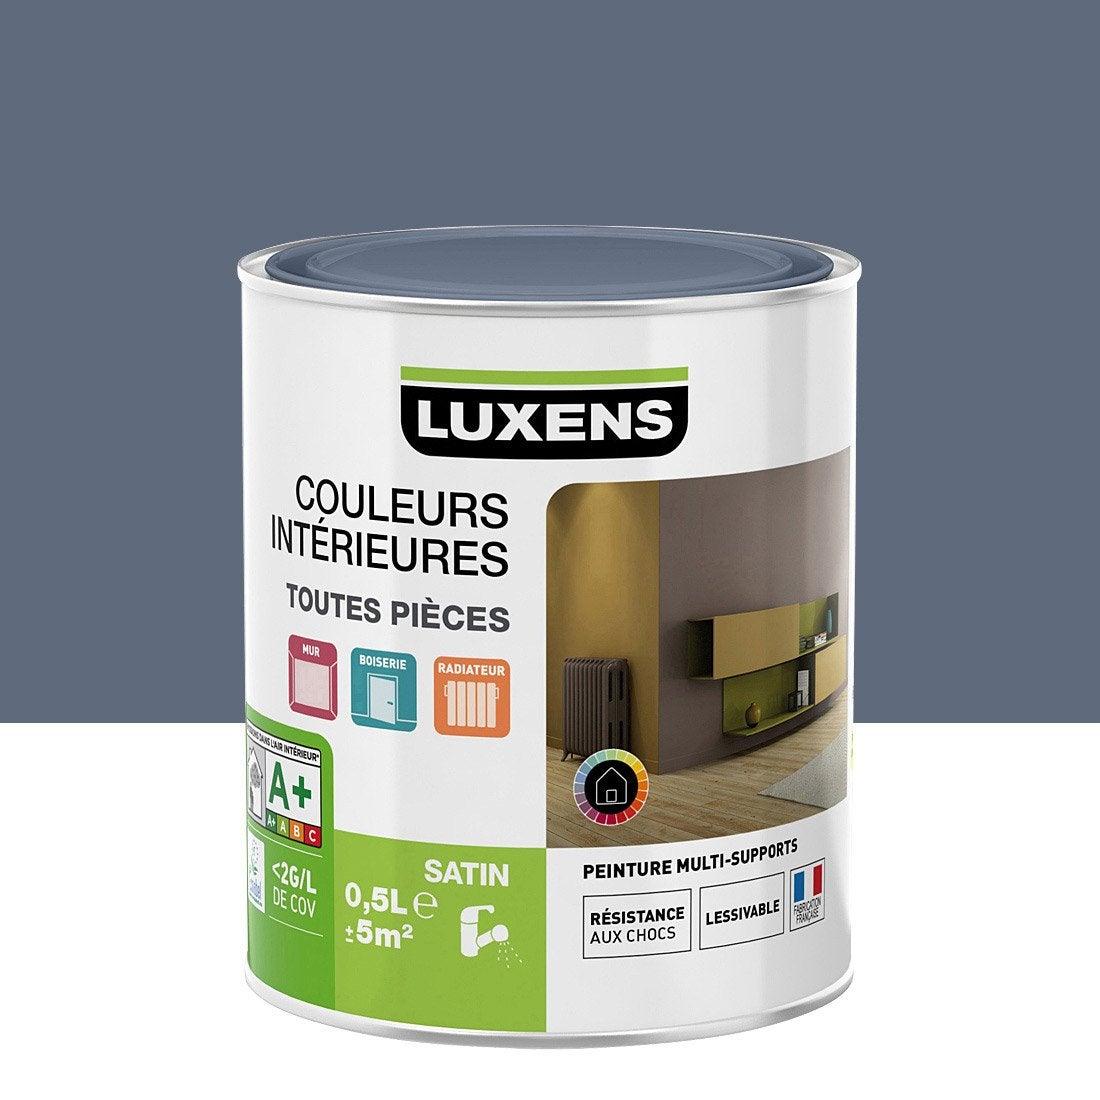 Peinture Couleur Zinc peinture gris zingué 3 satin luxens couleurs intérieures satin 0.5 l